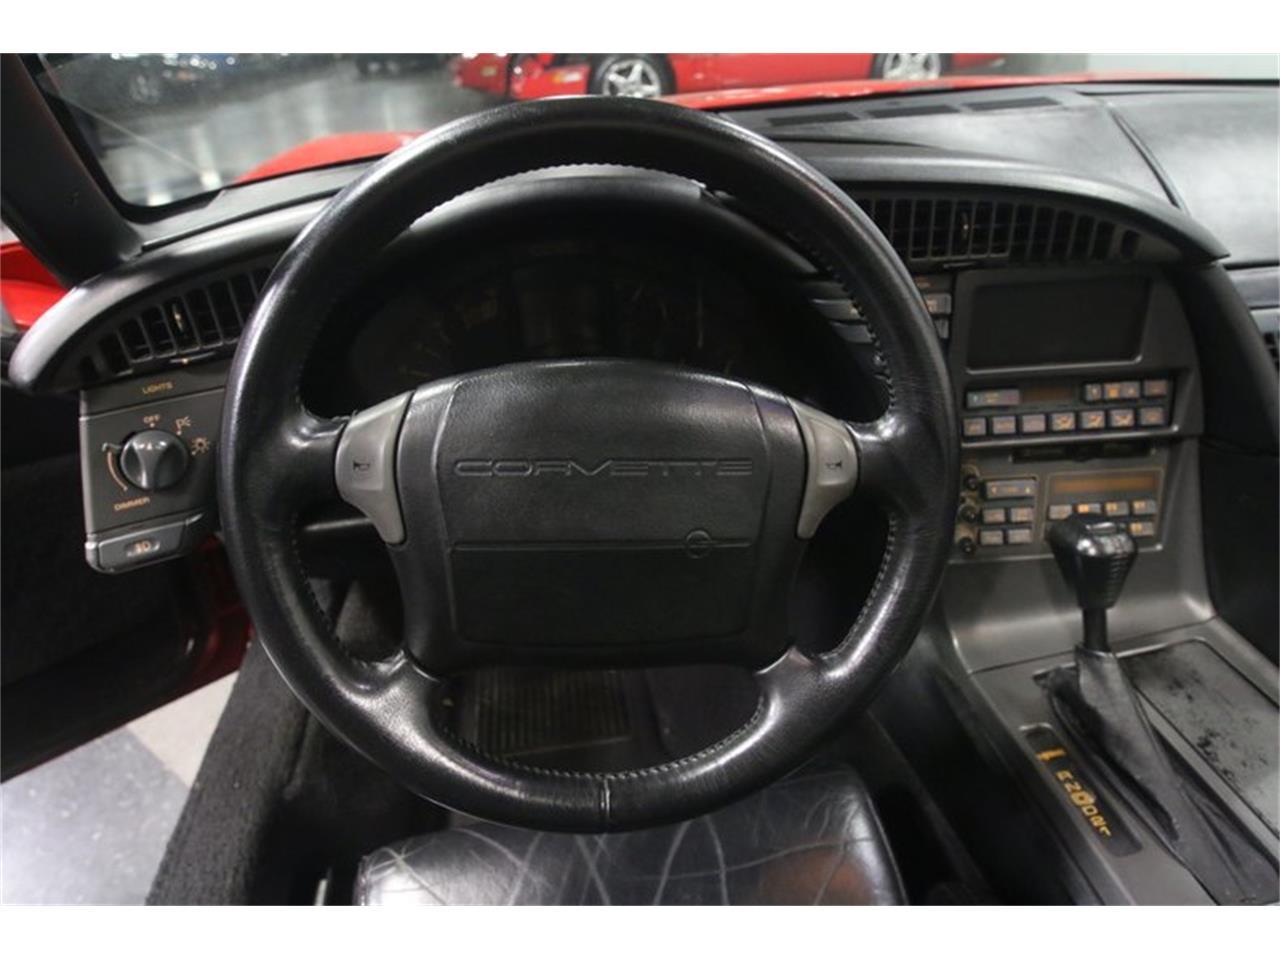 Large Picture of '90 Corvette located in Georgia - $11,995.00 - MZ8M